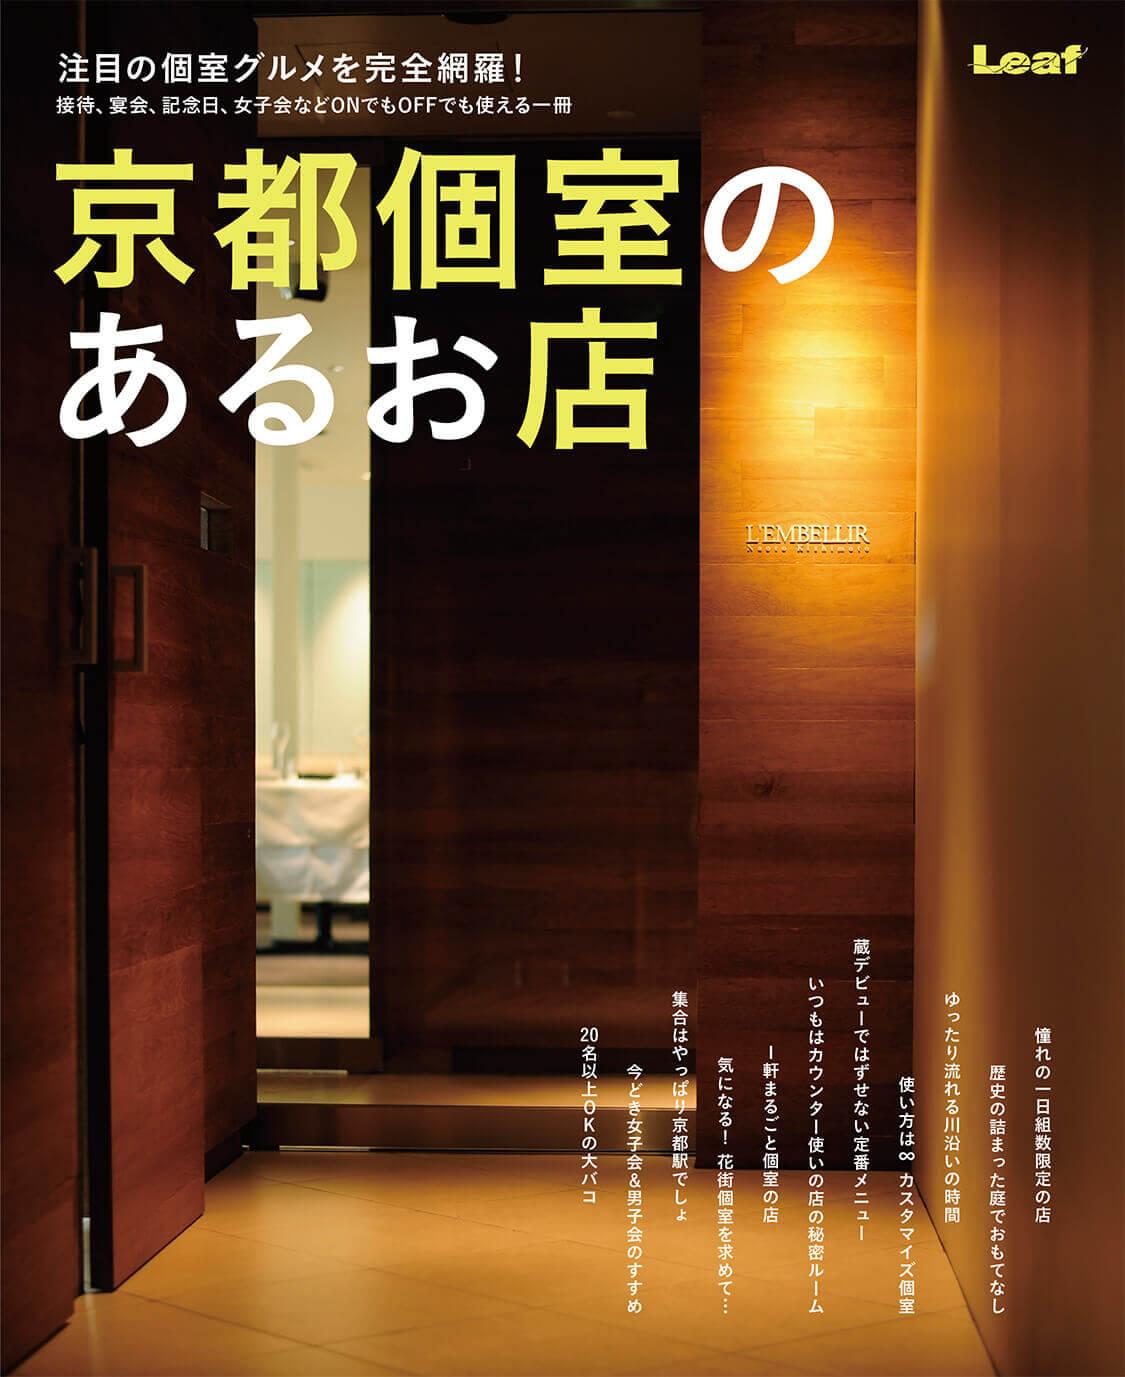 LeafMOOK - 【書籍】京都個室のあるお店